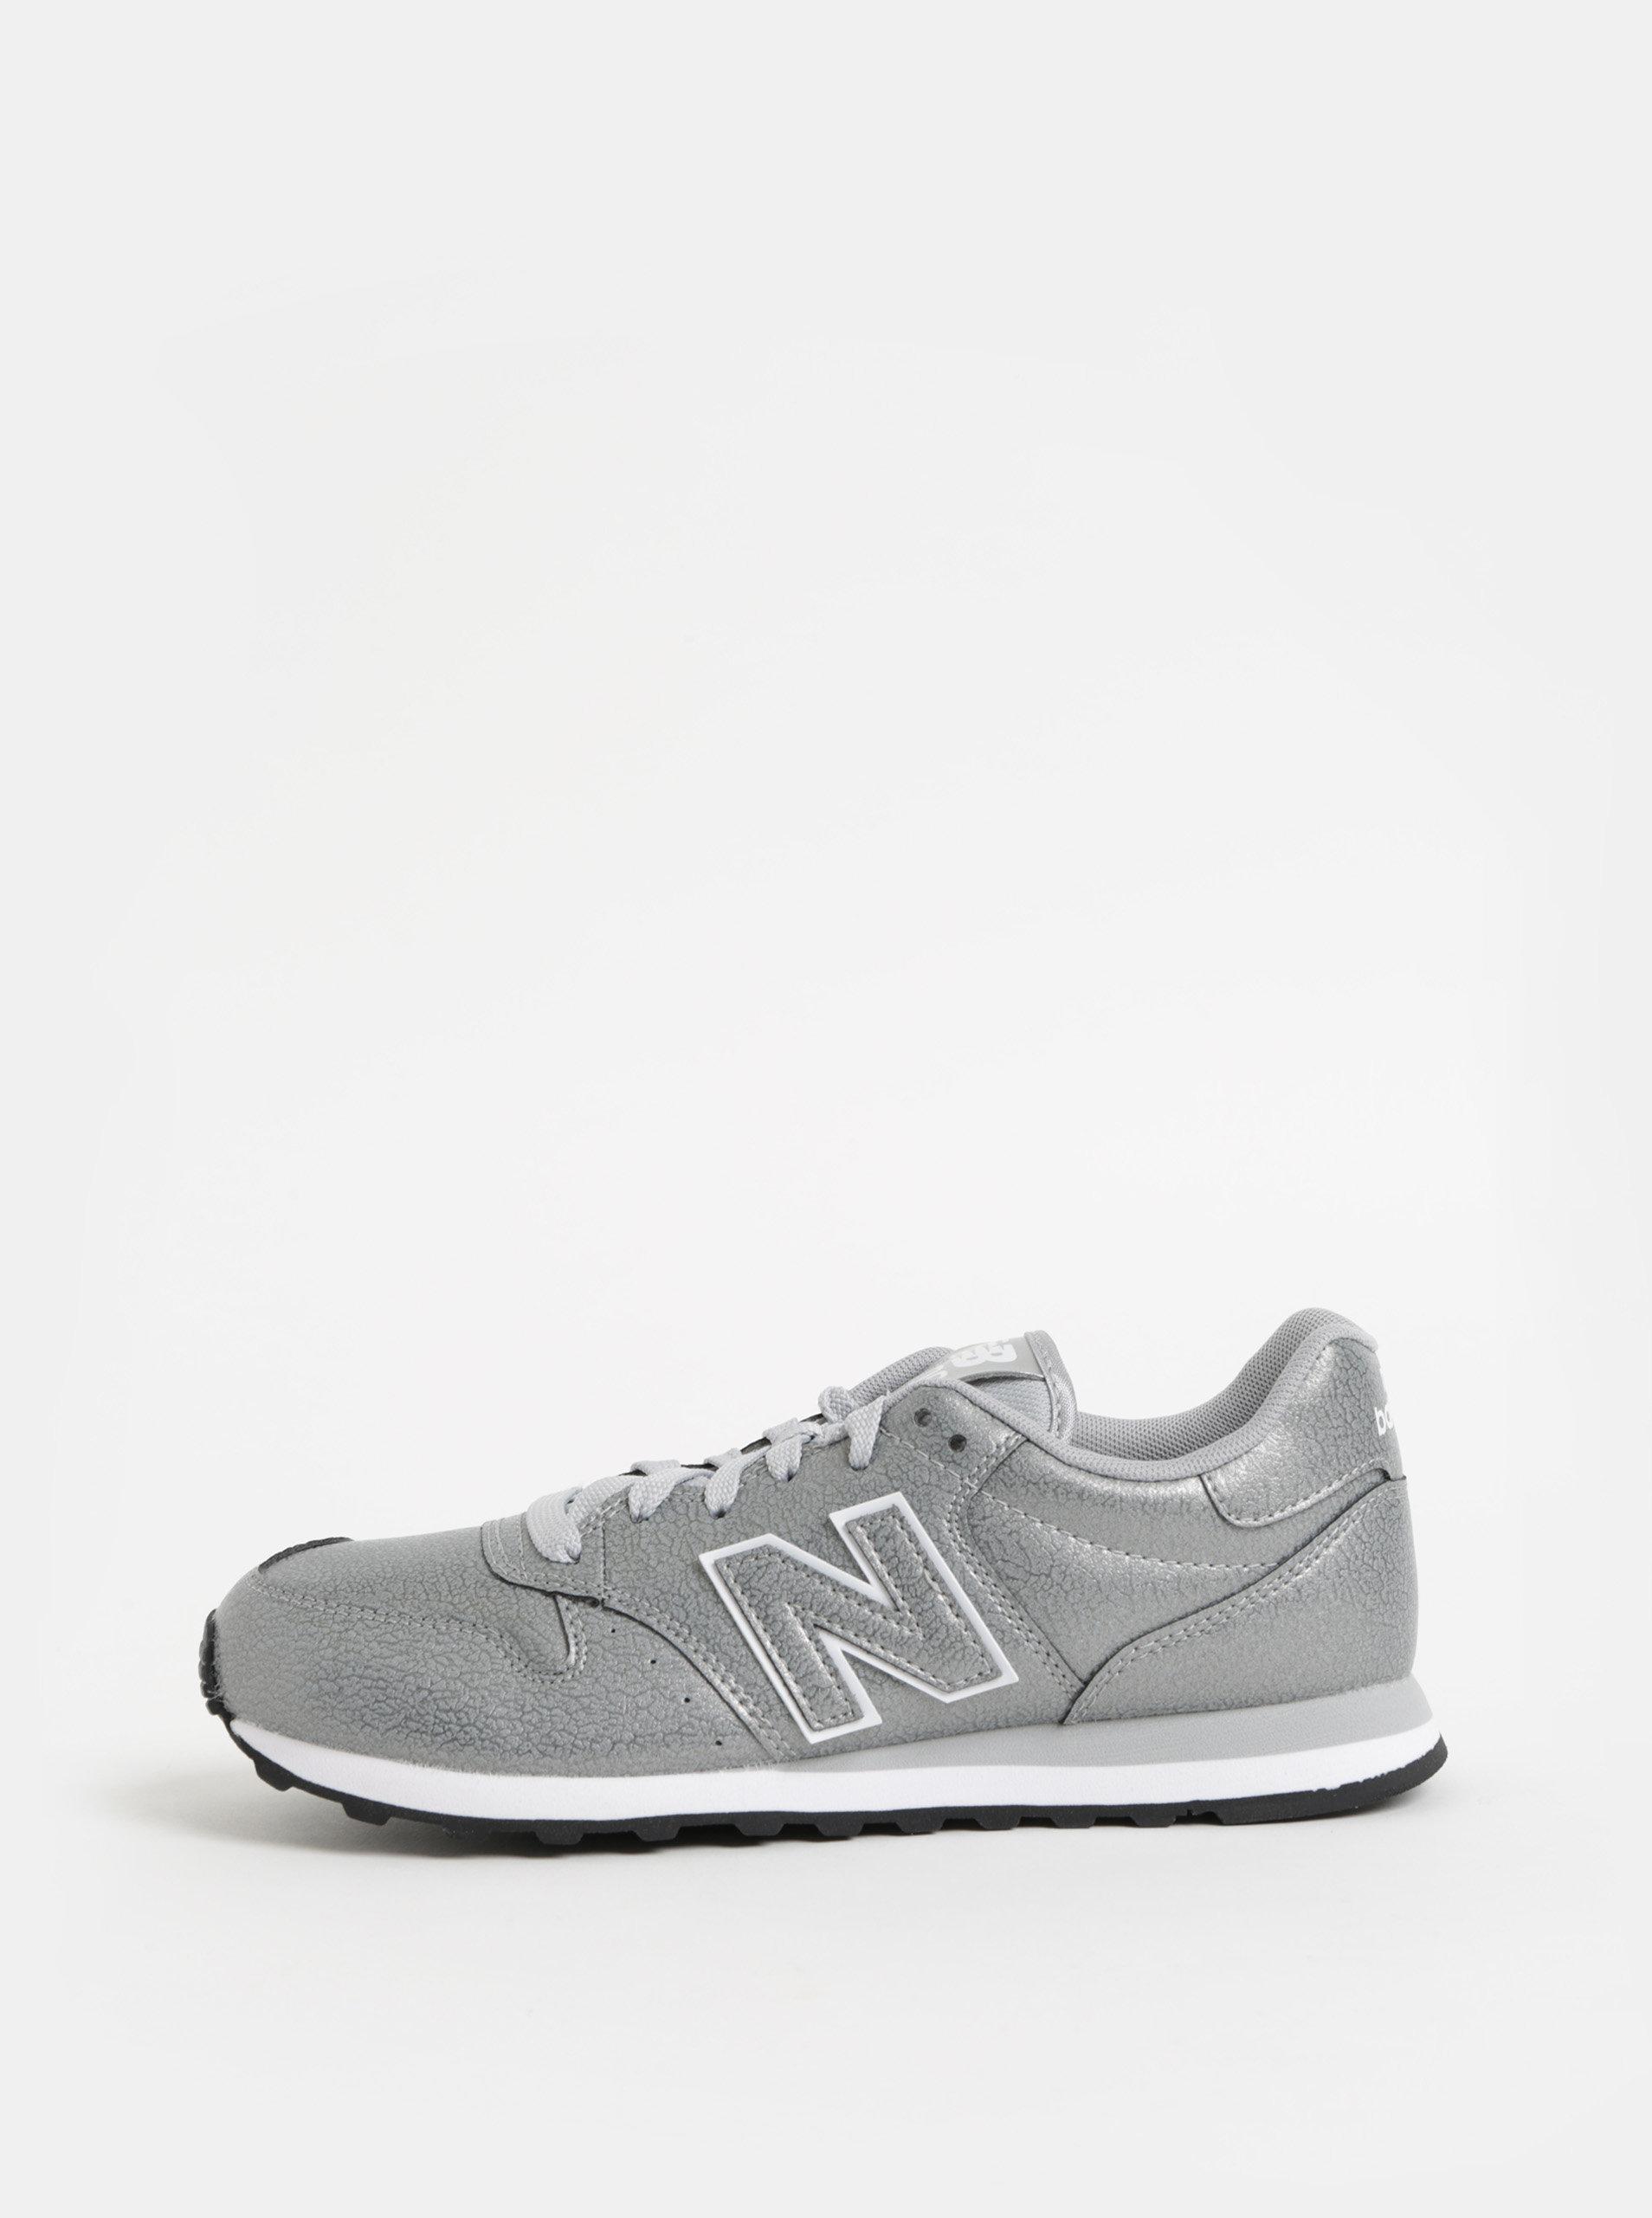 29c5f57942d Dámské tenisky ve stříbrné barvě New Balance ...